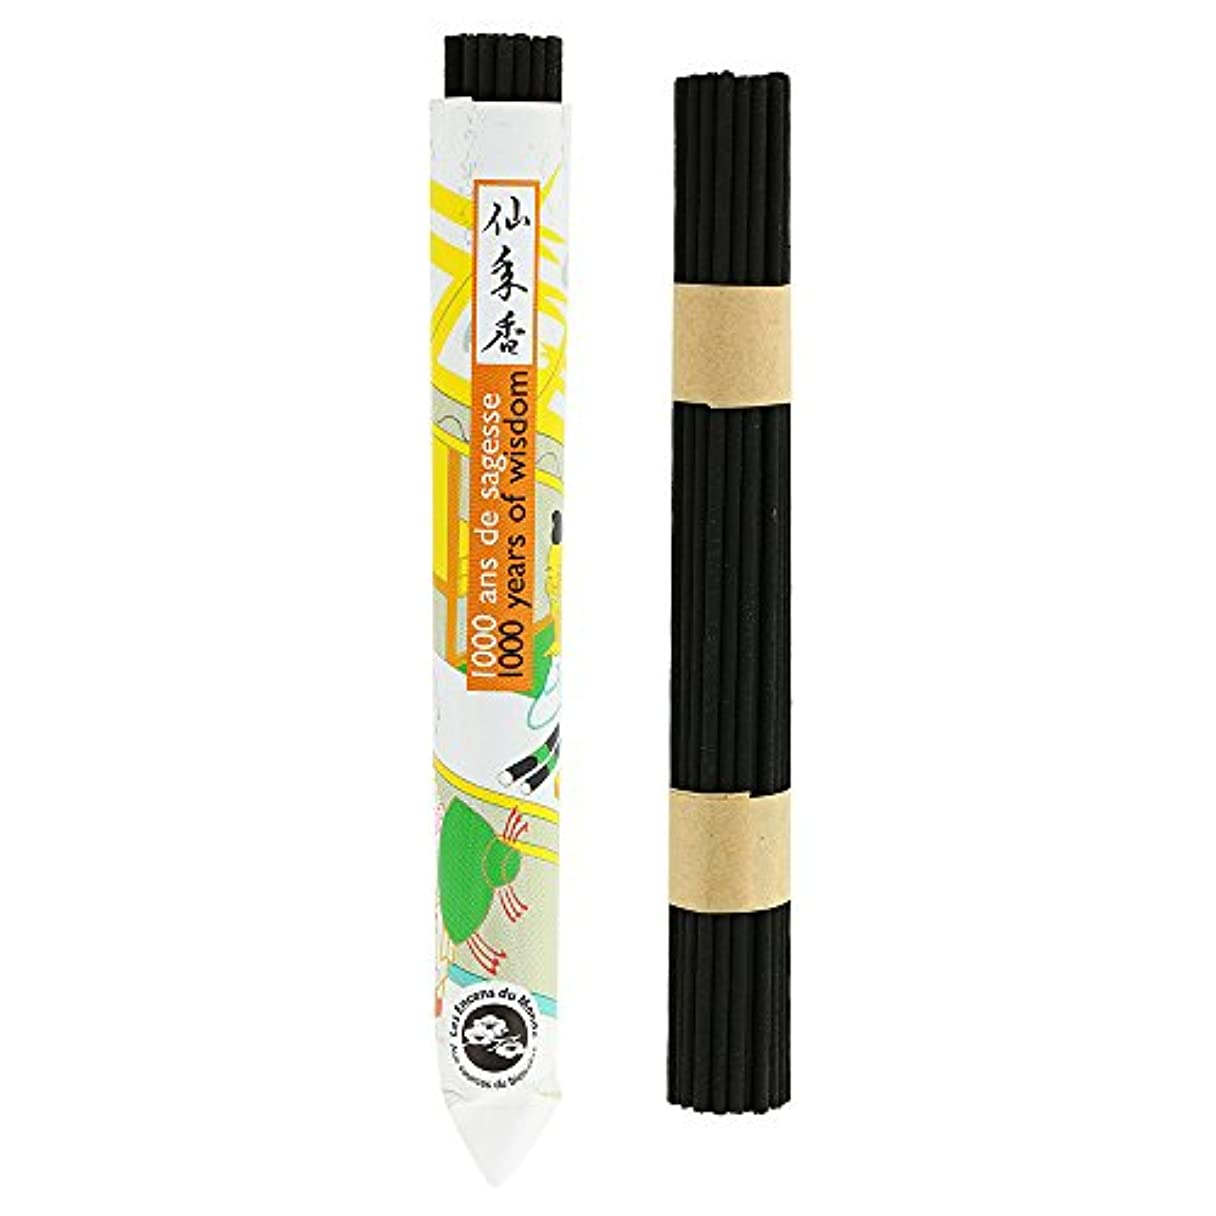 制限されたとまり木蛾Japanese Incense – 1000年の知恵のShort Roll